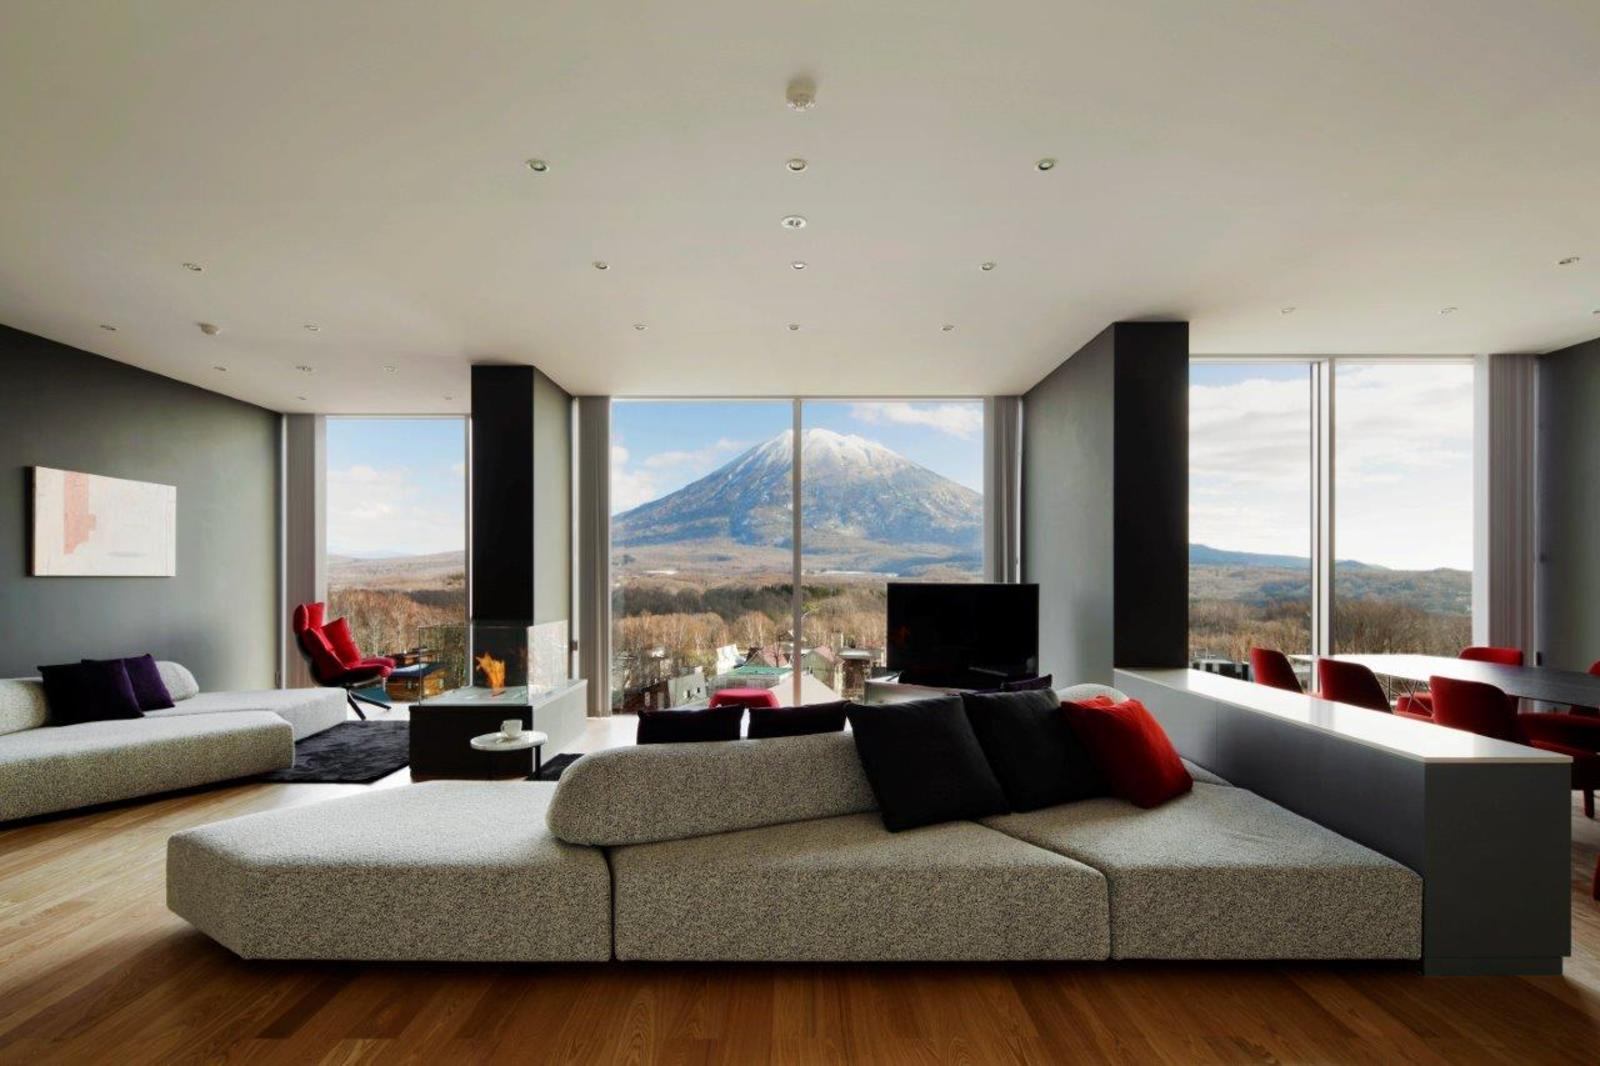 Terrazze penthouse living area large